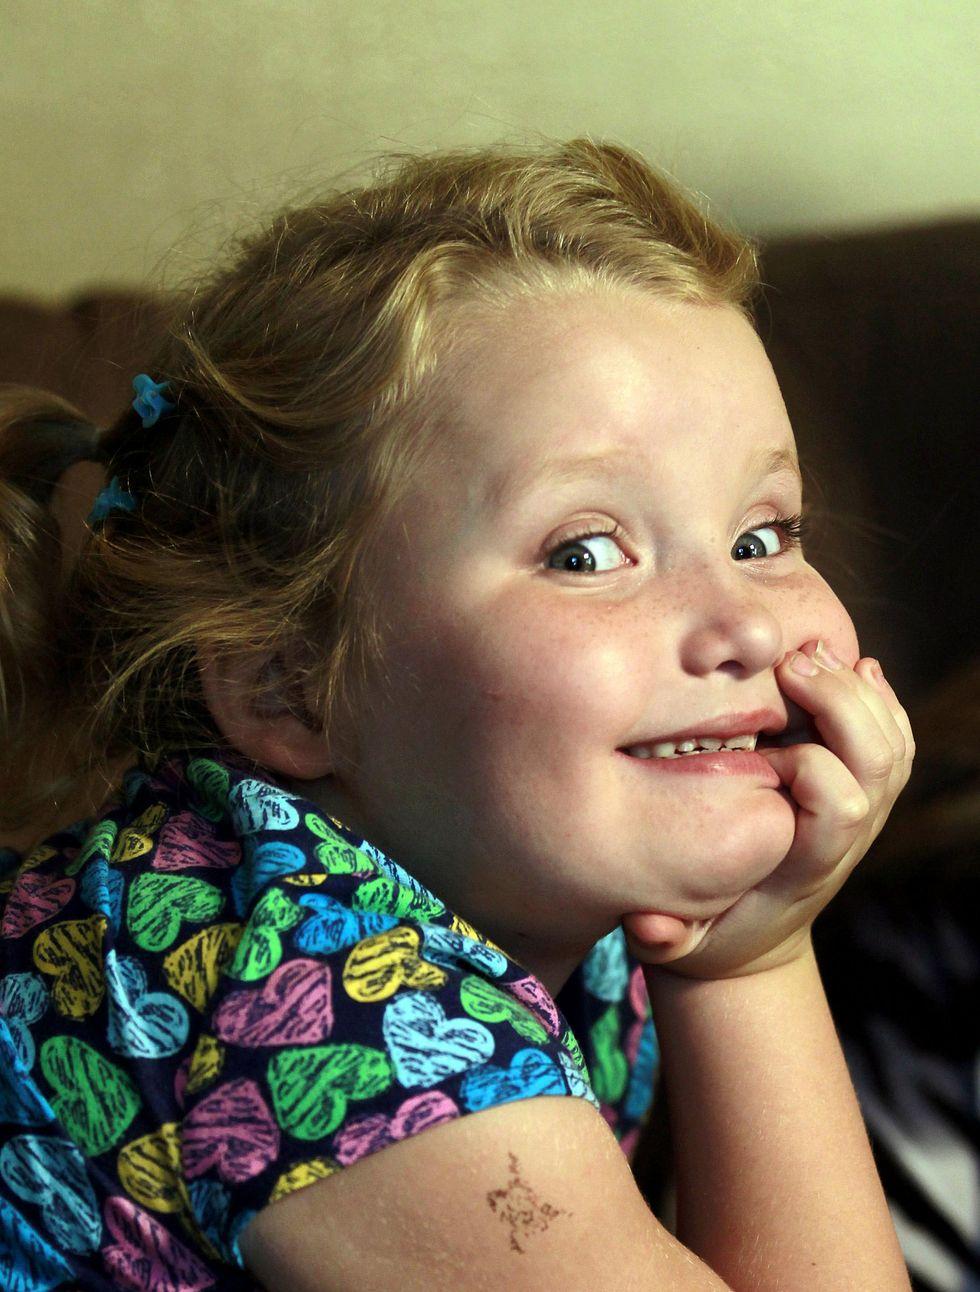 """Da Suri Cruise a Honey Boo Boo, baby prodigi, capricci e """"fenomeni da baraccone"""""""